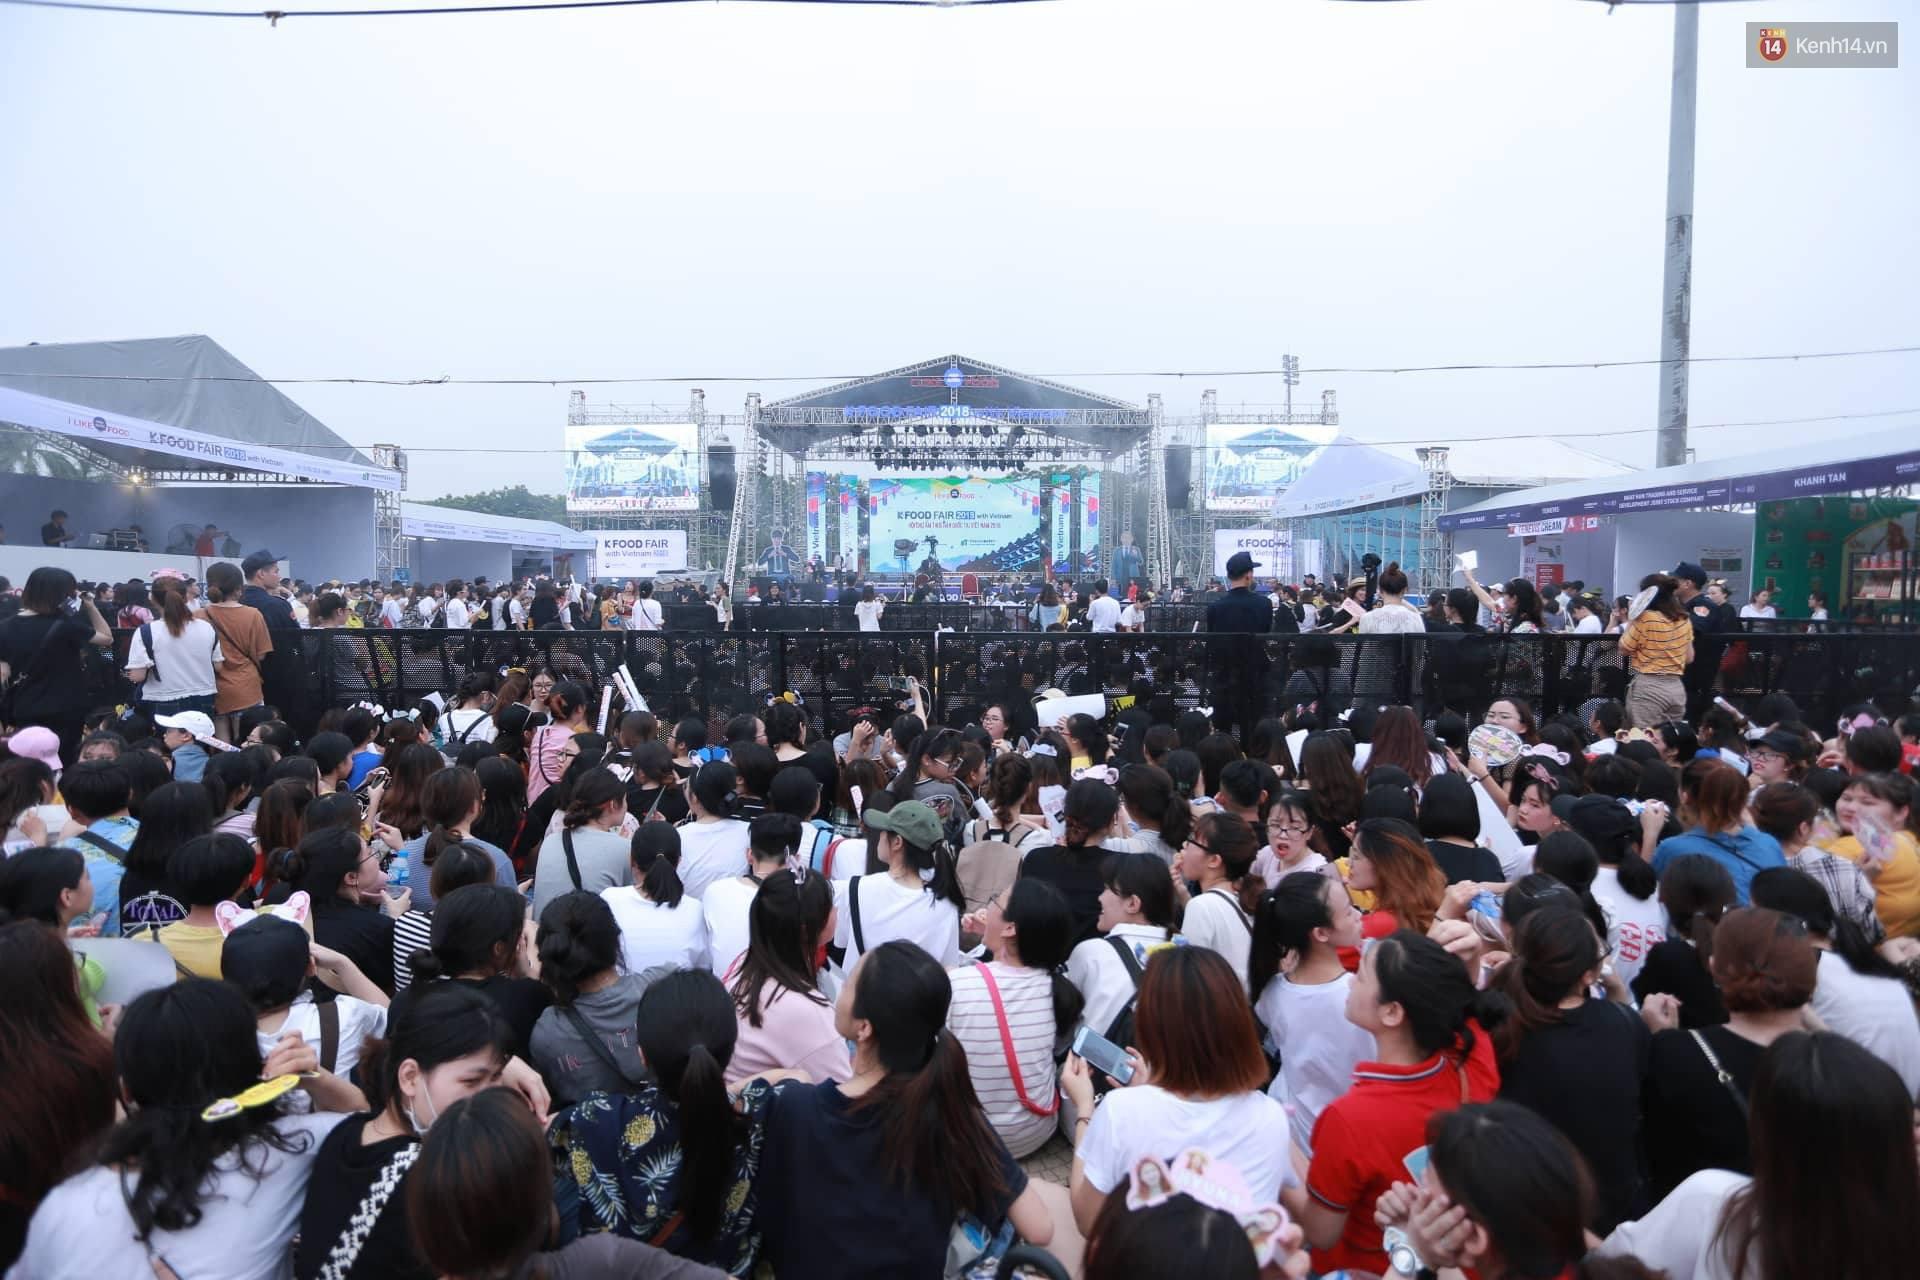 K-Food Fair 2018: Highlight bất ngờ diễn lại hit từ thời còn là B2ST, fanchant nổi da gà! - Ảnh 2.